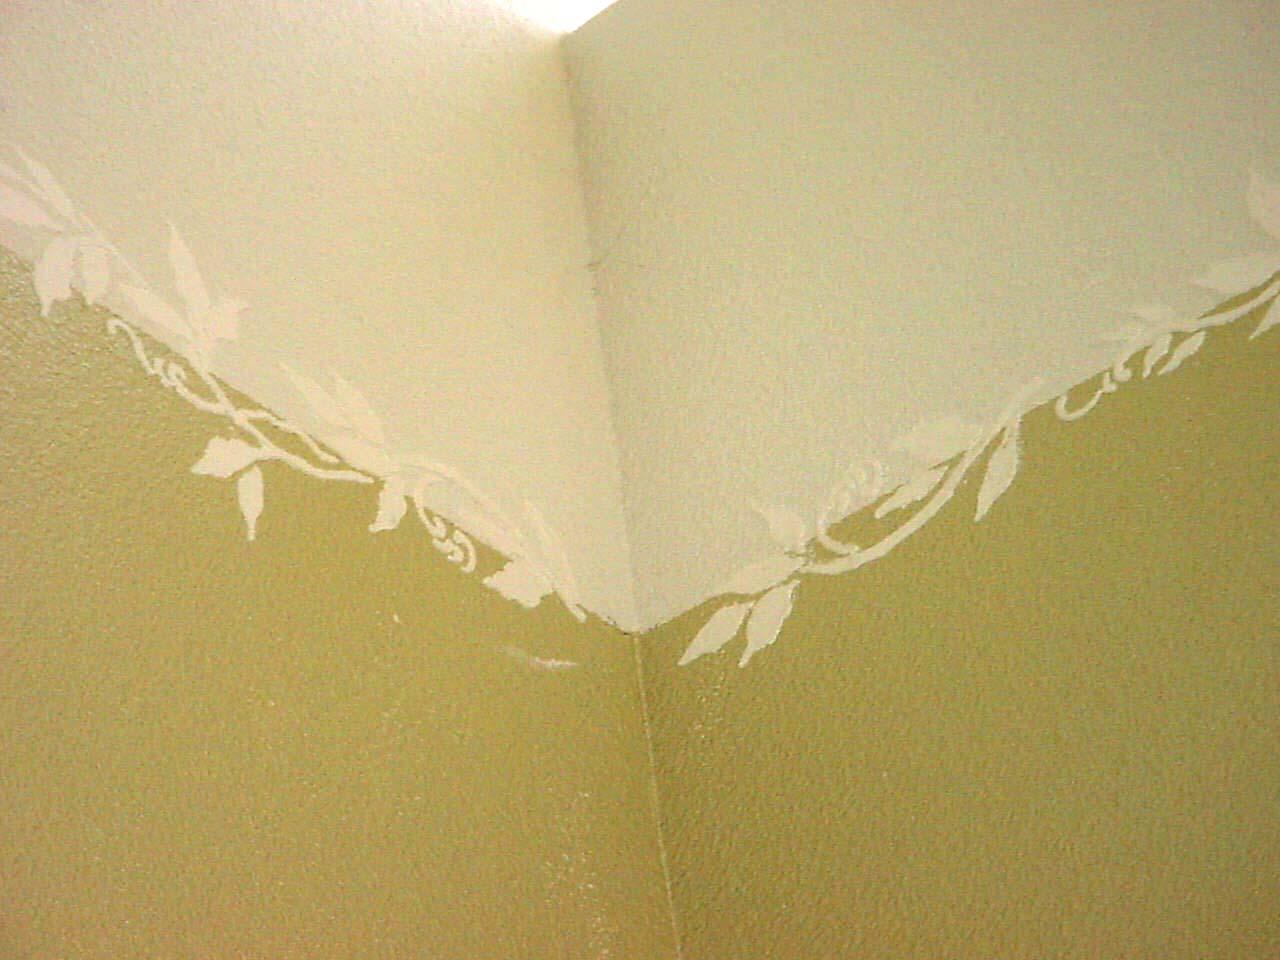 Plaster Stencil Vine  Walls Stencils Plaster Stencils Painting Stencils Plaster Molds